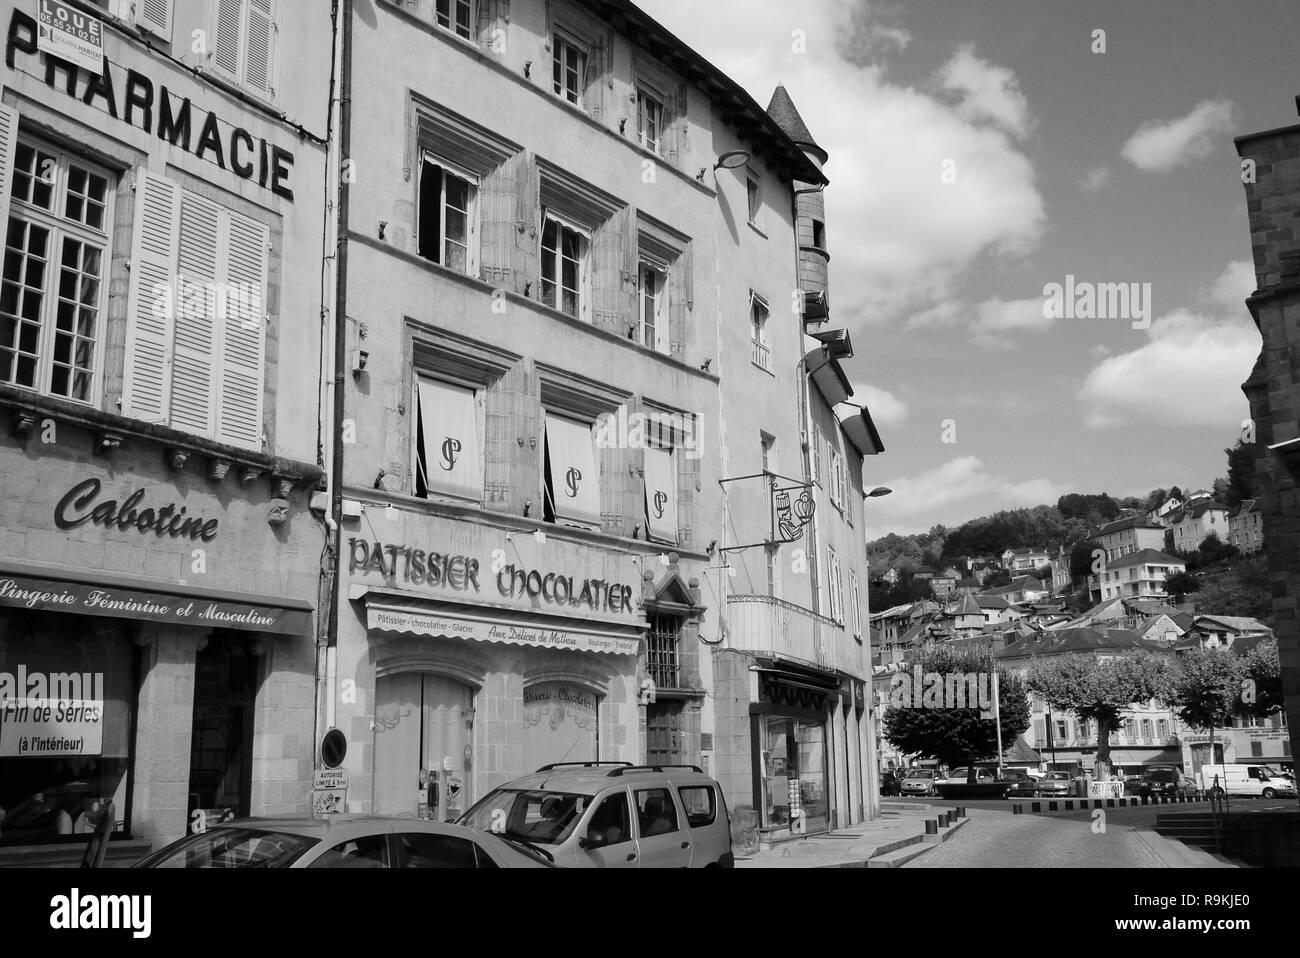 Reportaje: dos horas en el centro de la ciudad, donde François Hollande se convirtió en presidente de la República Francesa, Tul, Francia Imagen De Stock